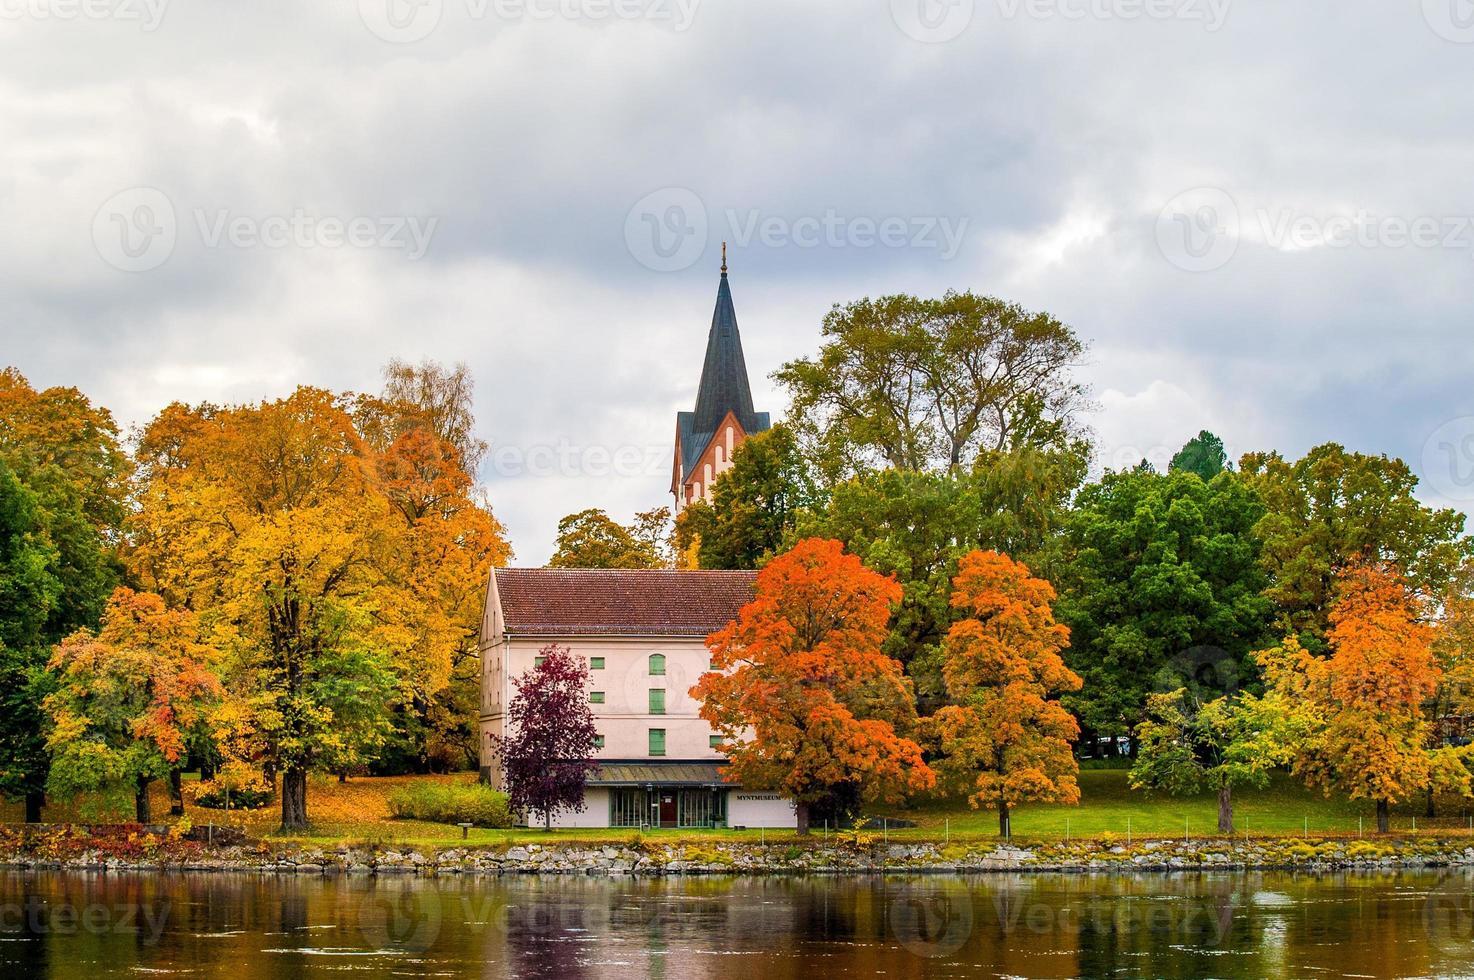 vue très colorée d'une église suédoise à l'automne. avec des arbres de différentes couleurs photo